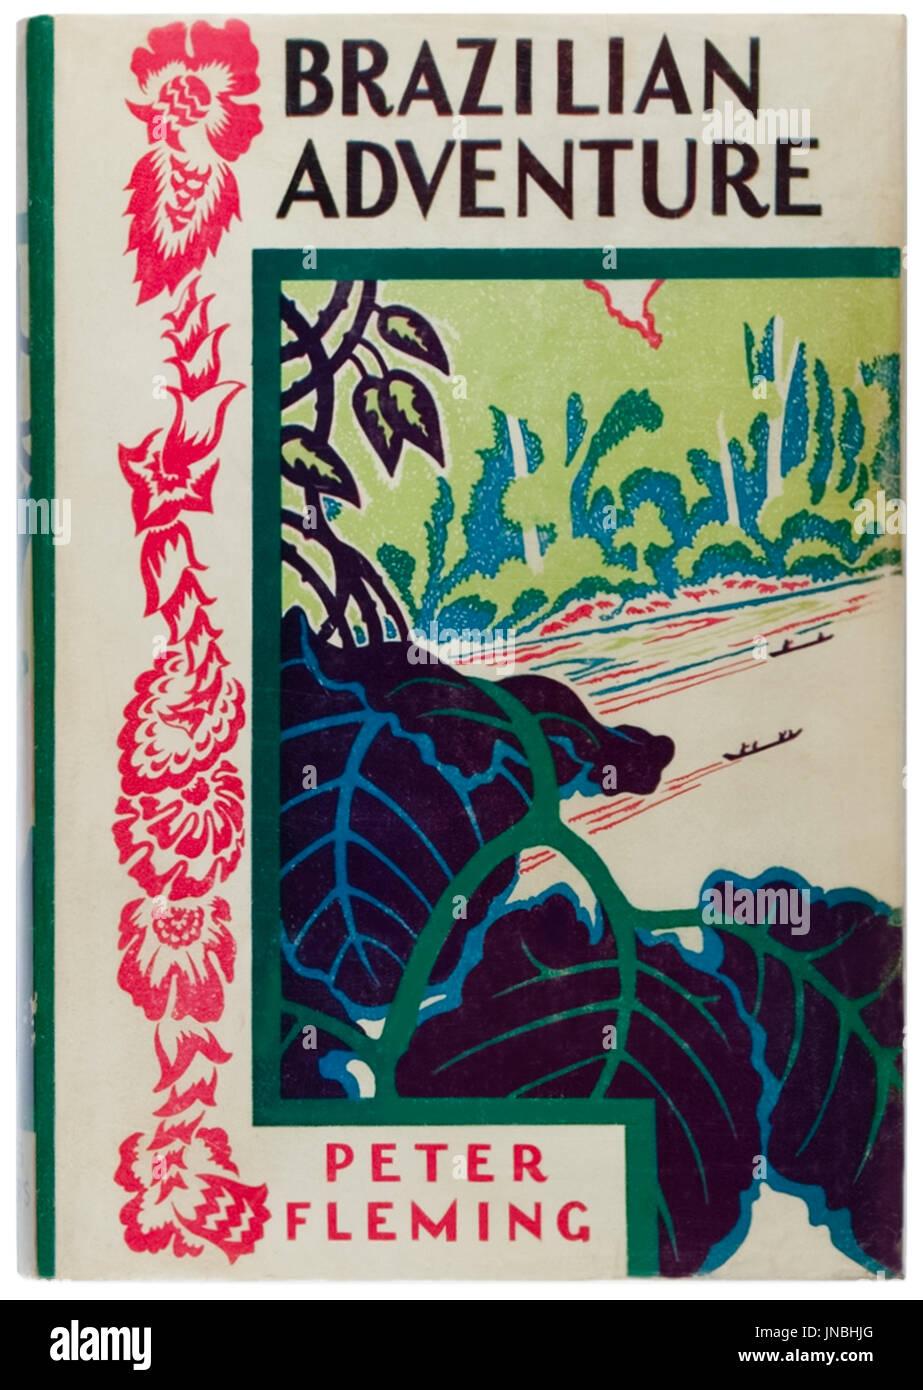 'Aventure' brésilien par Peter Fleming publié par Charles Scribner's Sons en 1934, photographie Photo Stock